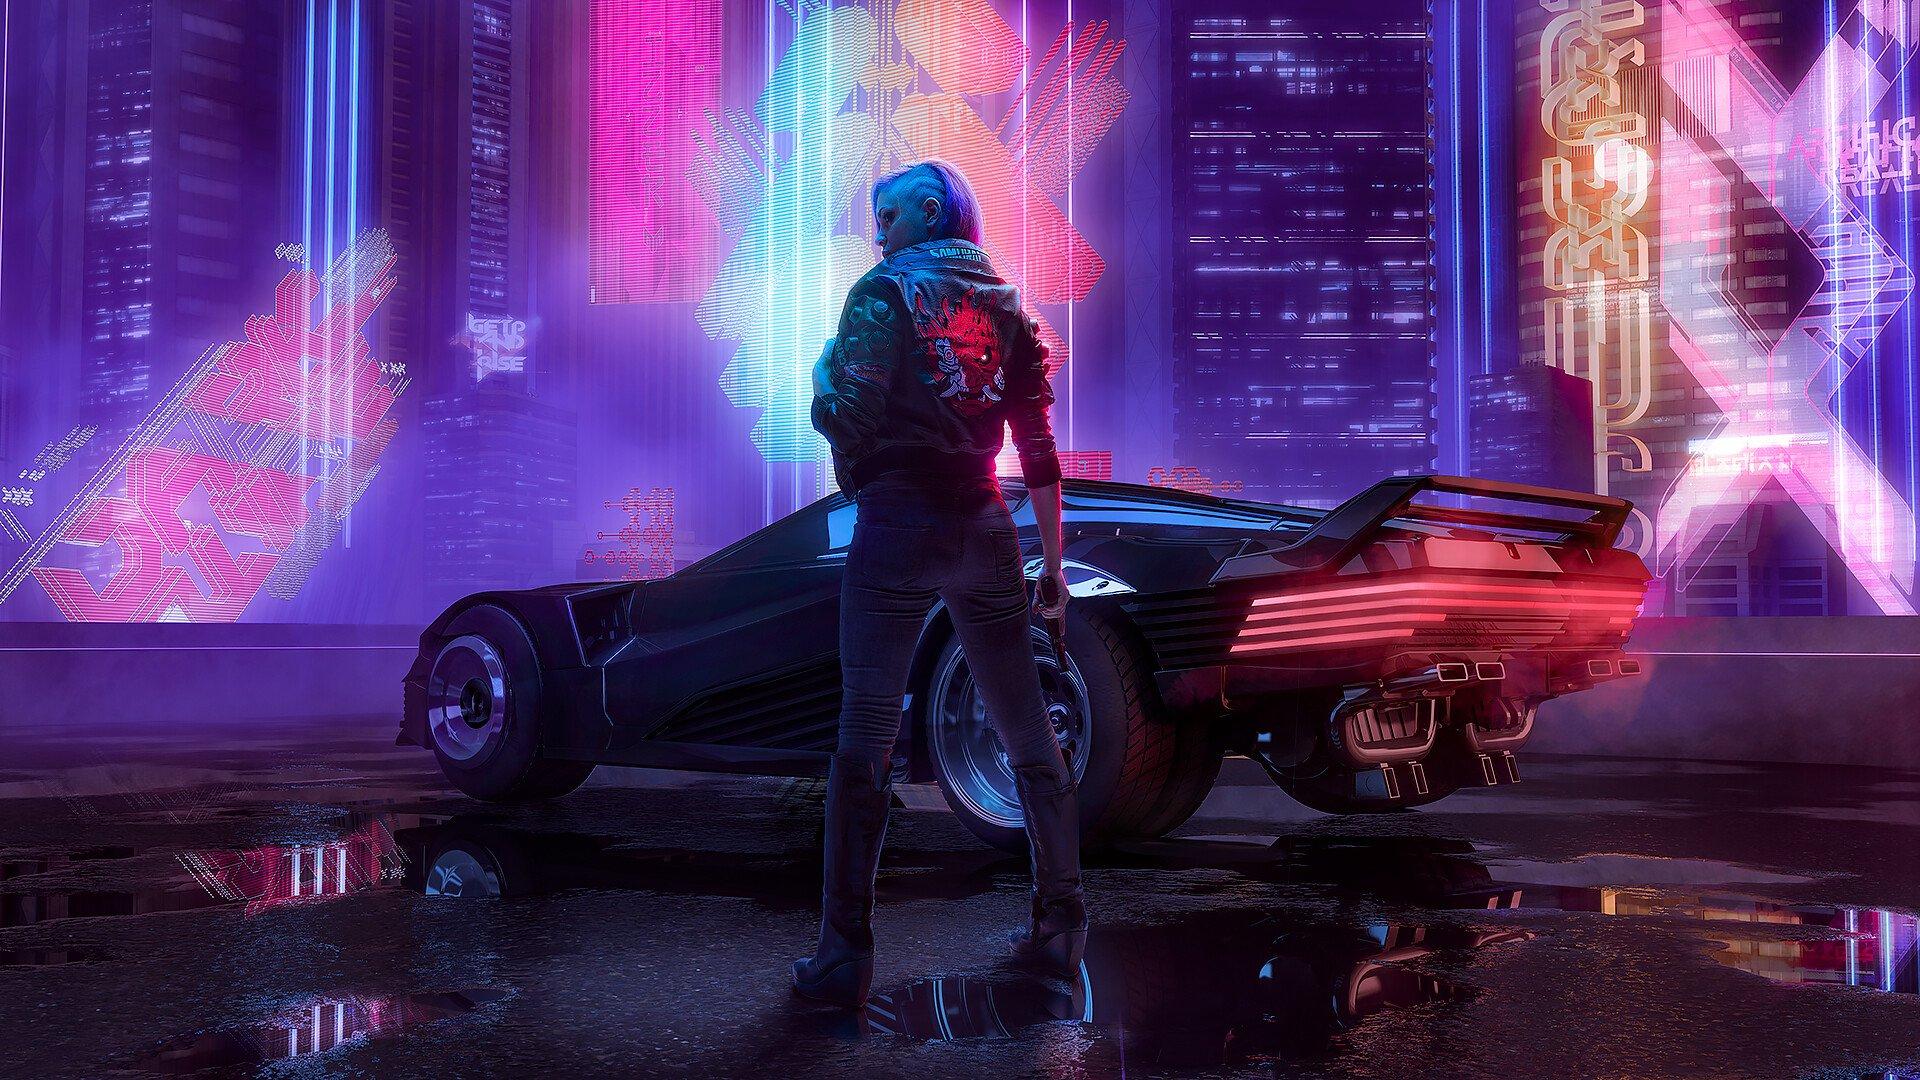 Опасения по поводу Cyberpunk 2077. Почему игра разочарует?